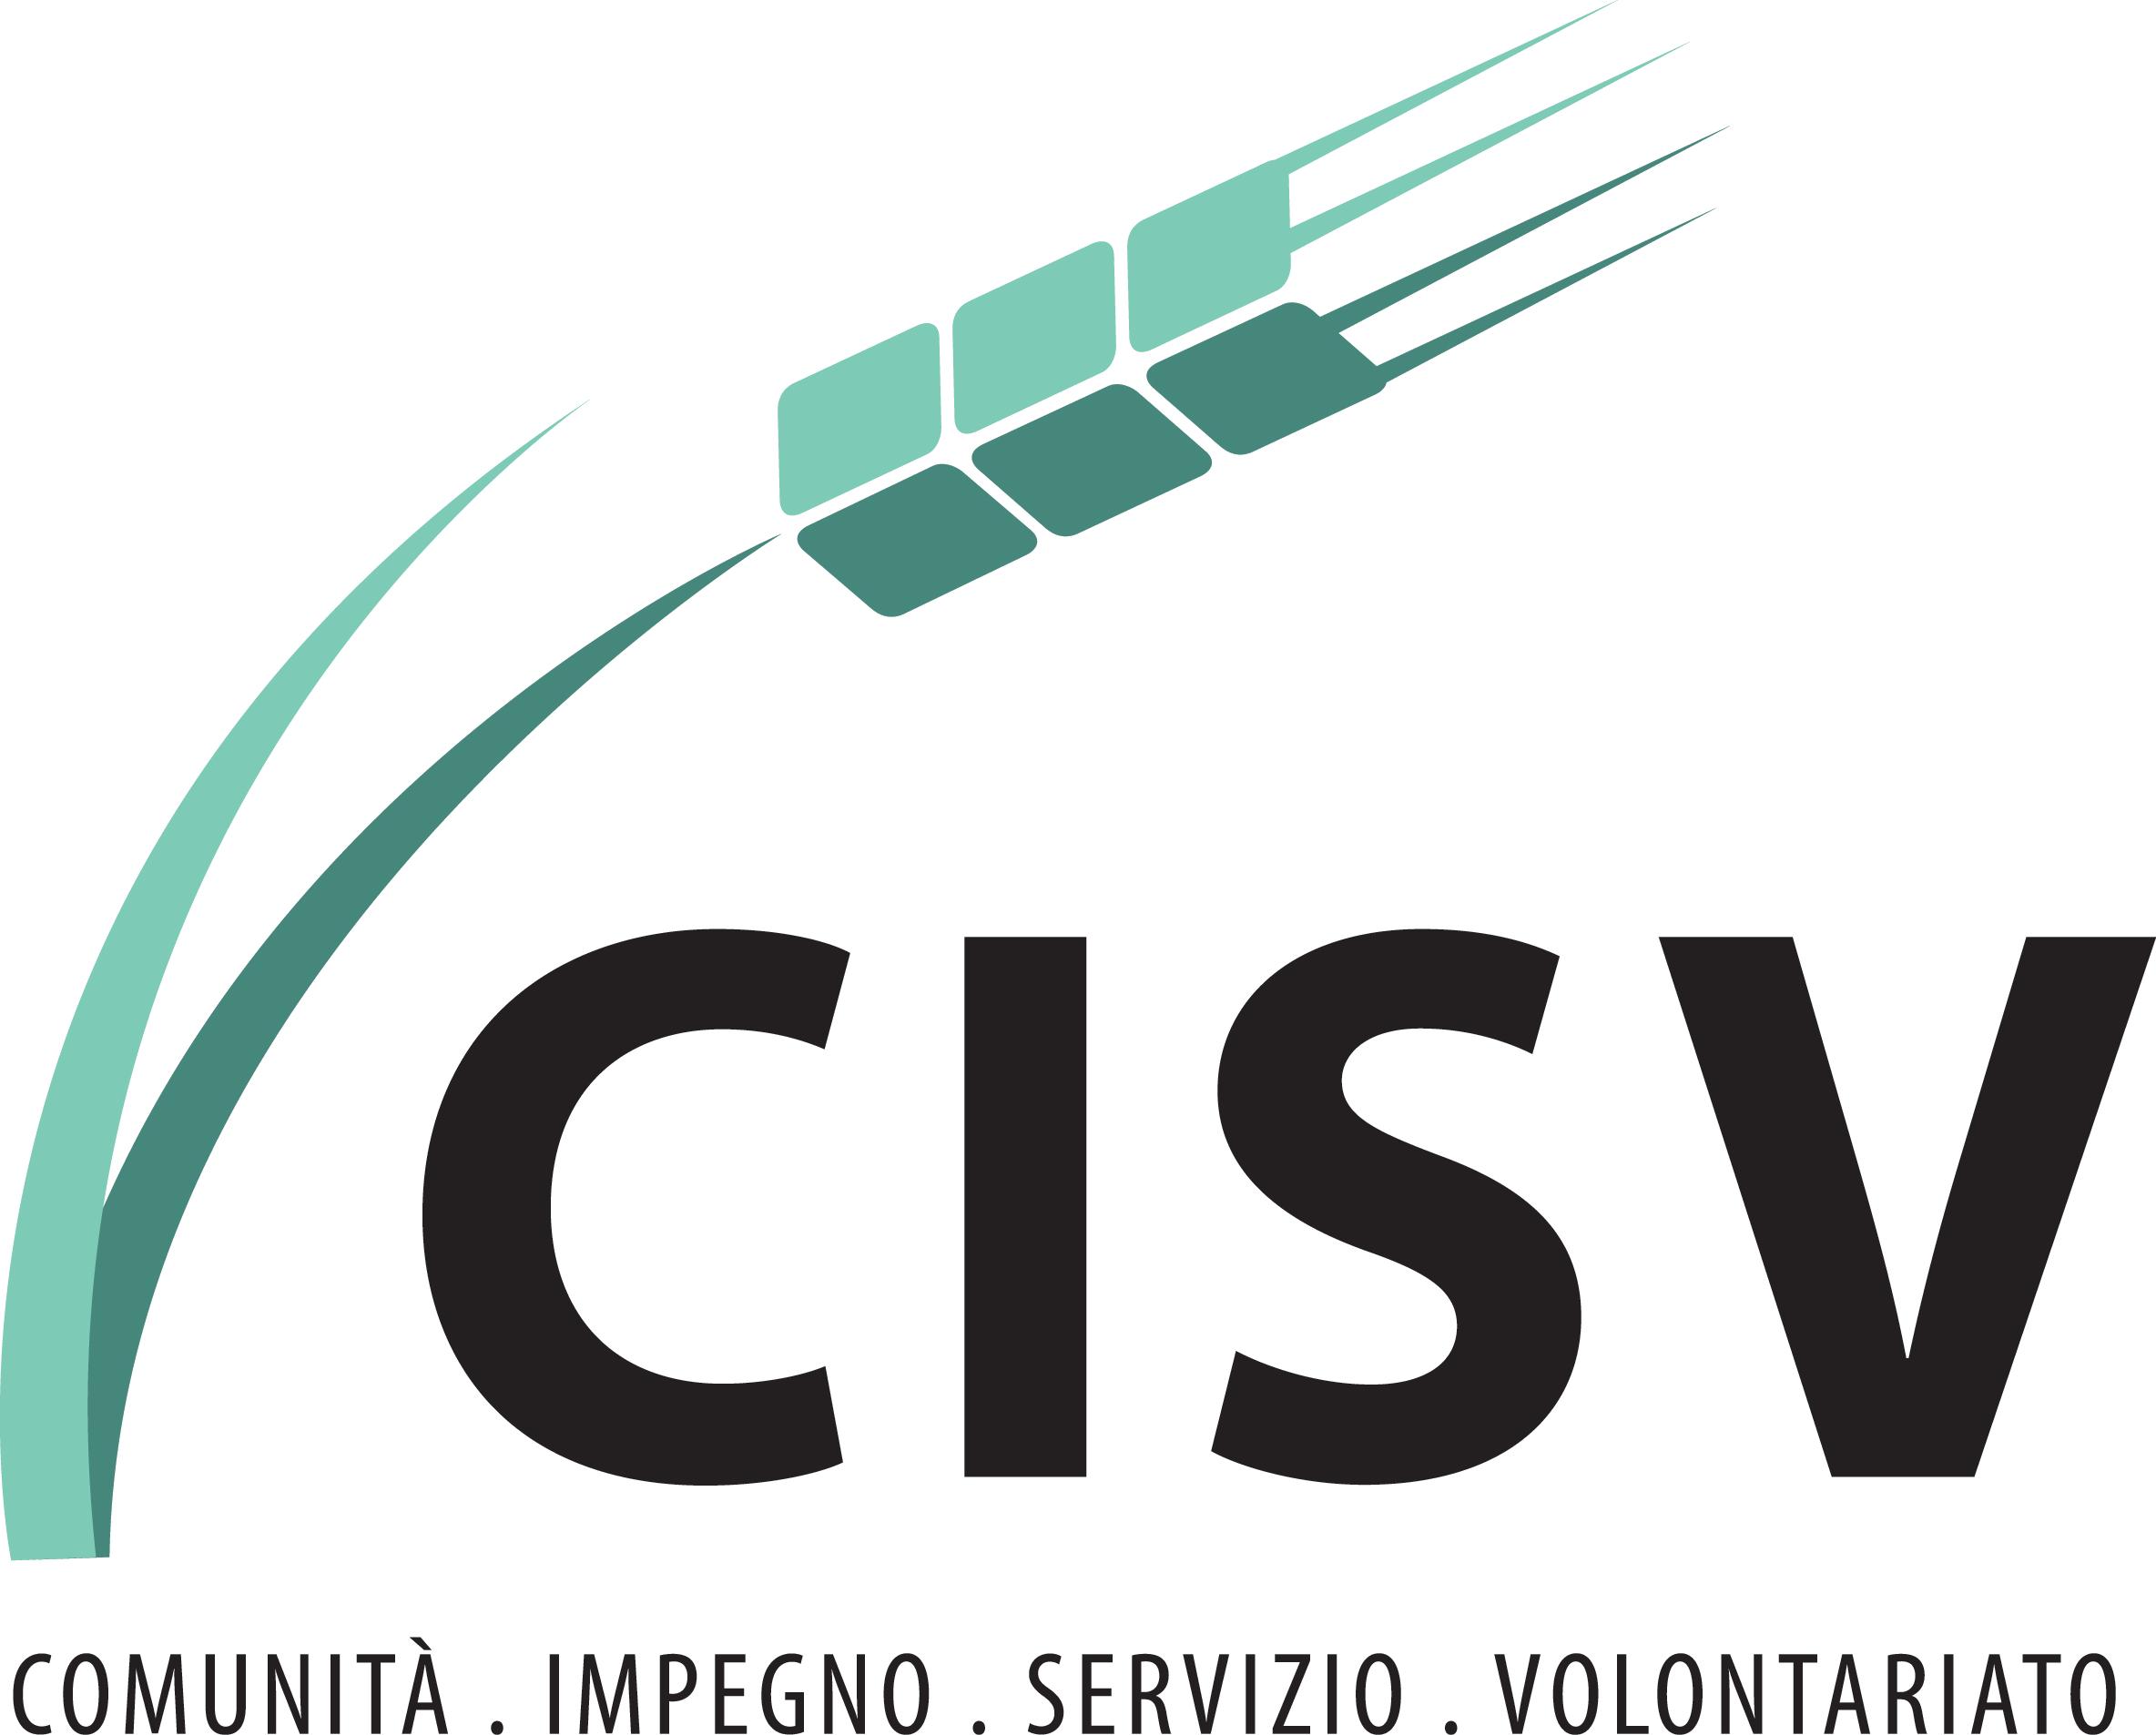 Logo Comunità Impegno Servizio Volontariato -CISV,